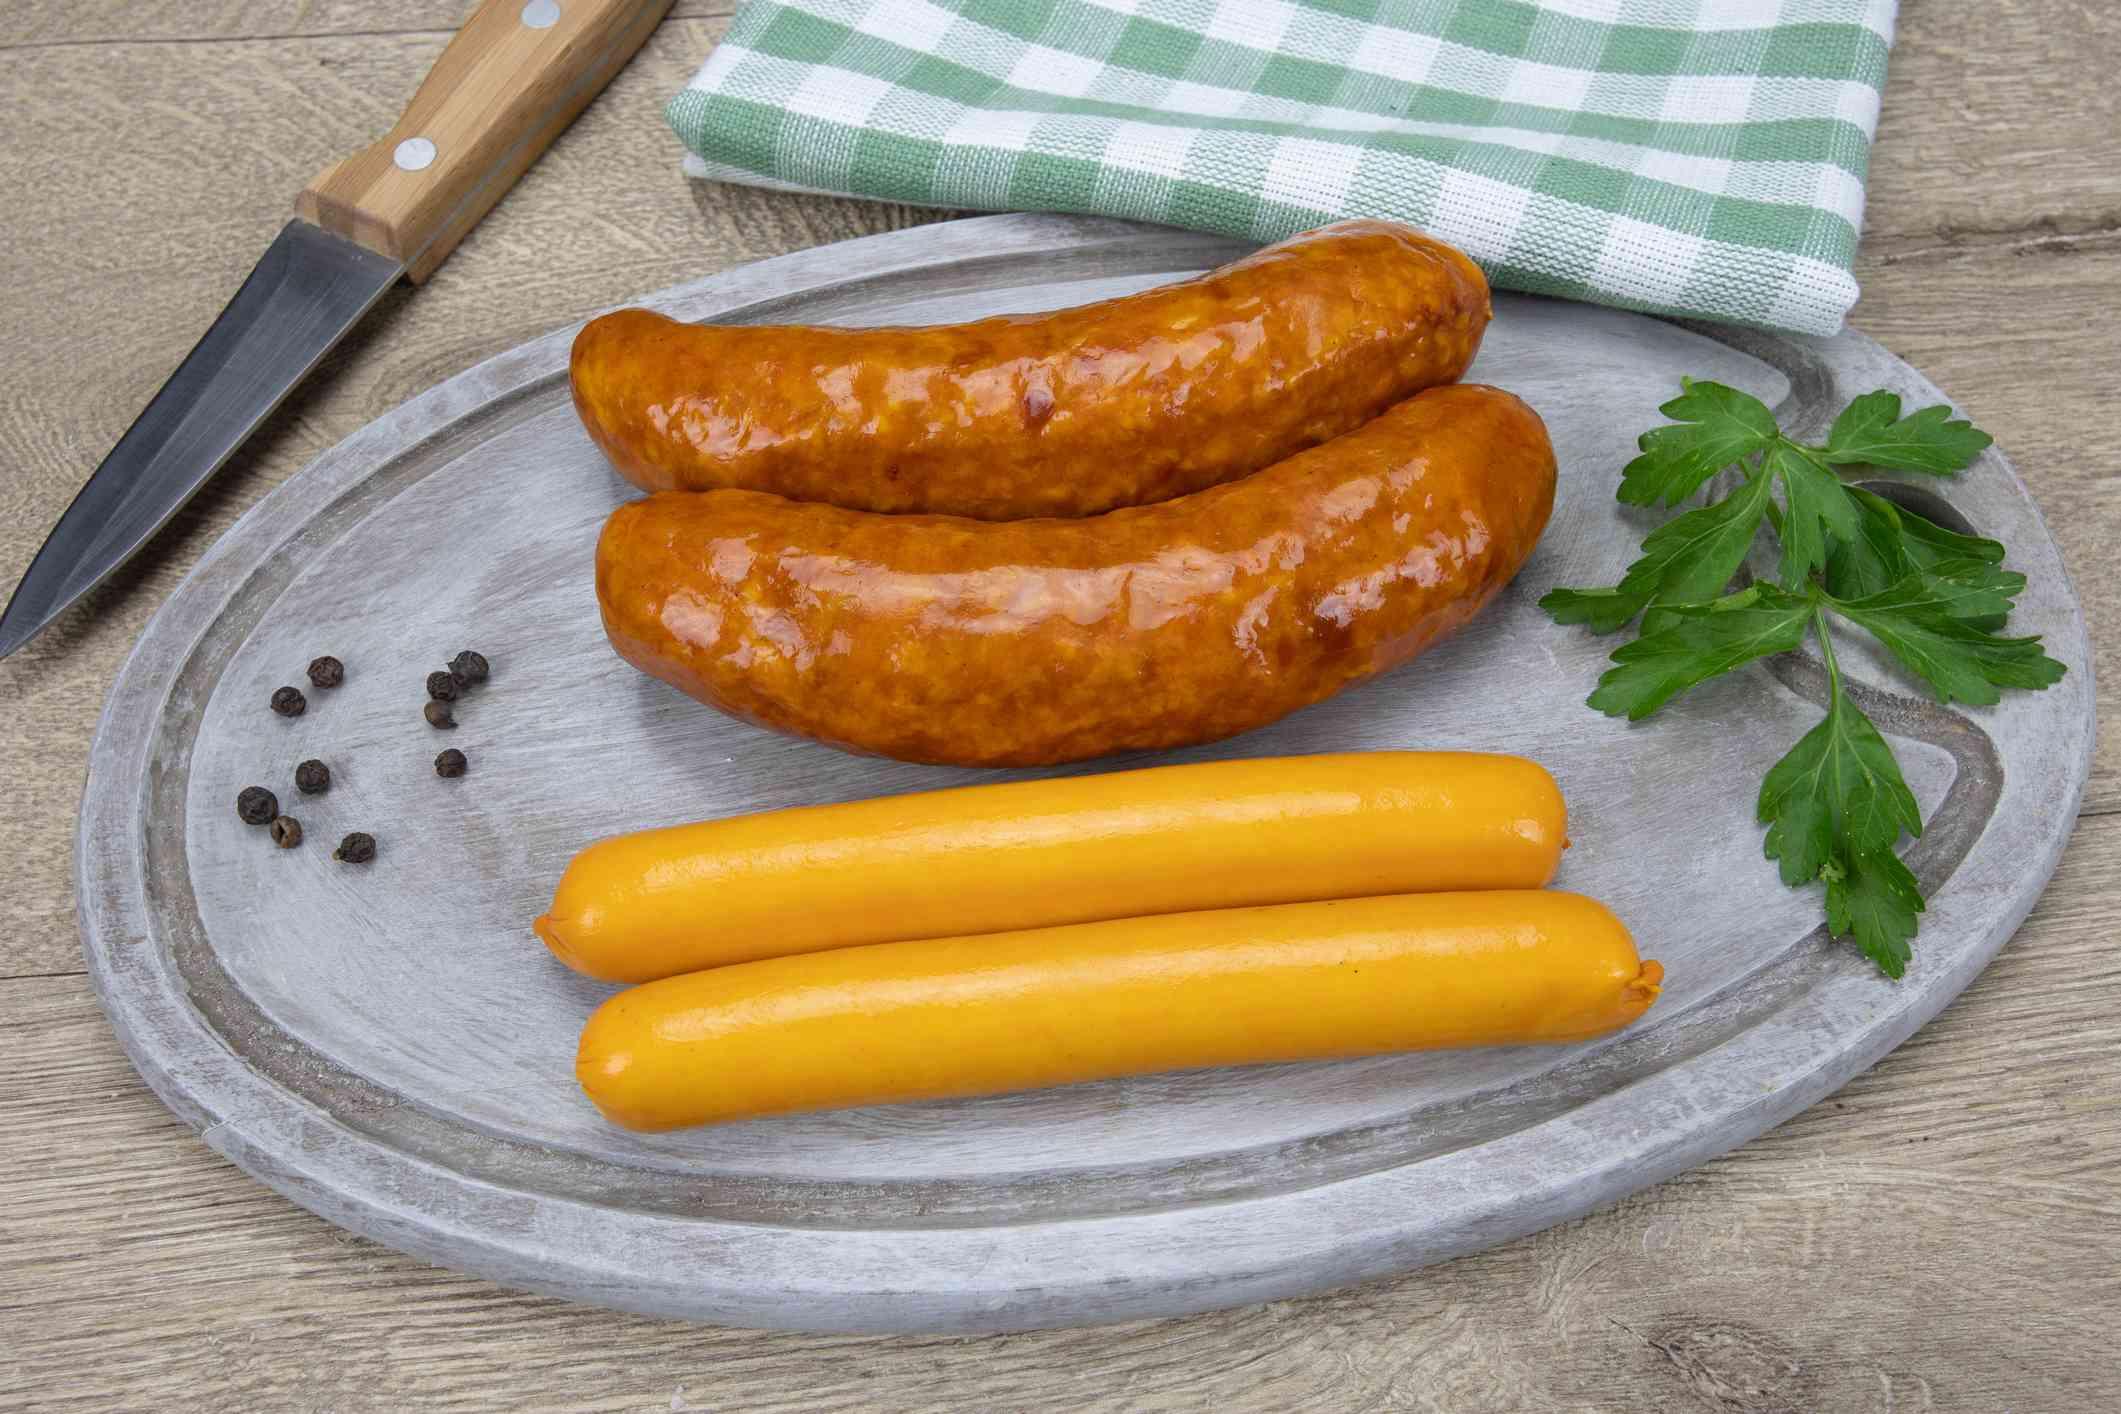 Alsatian-style sausages